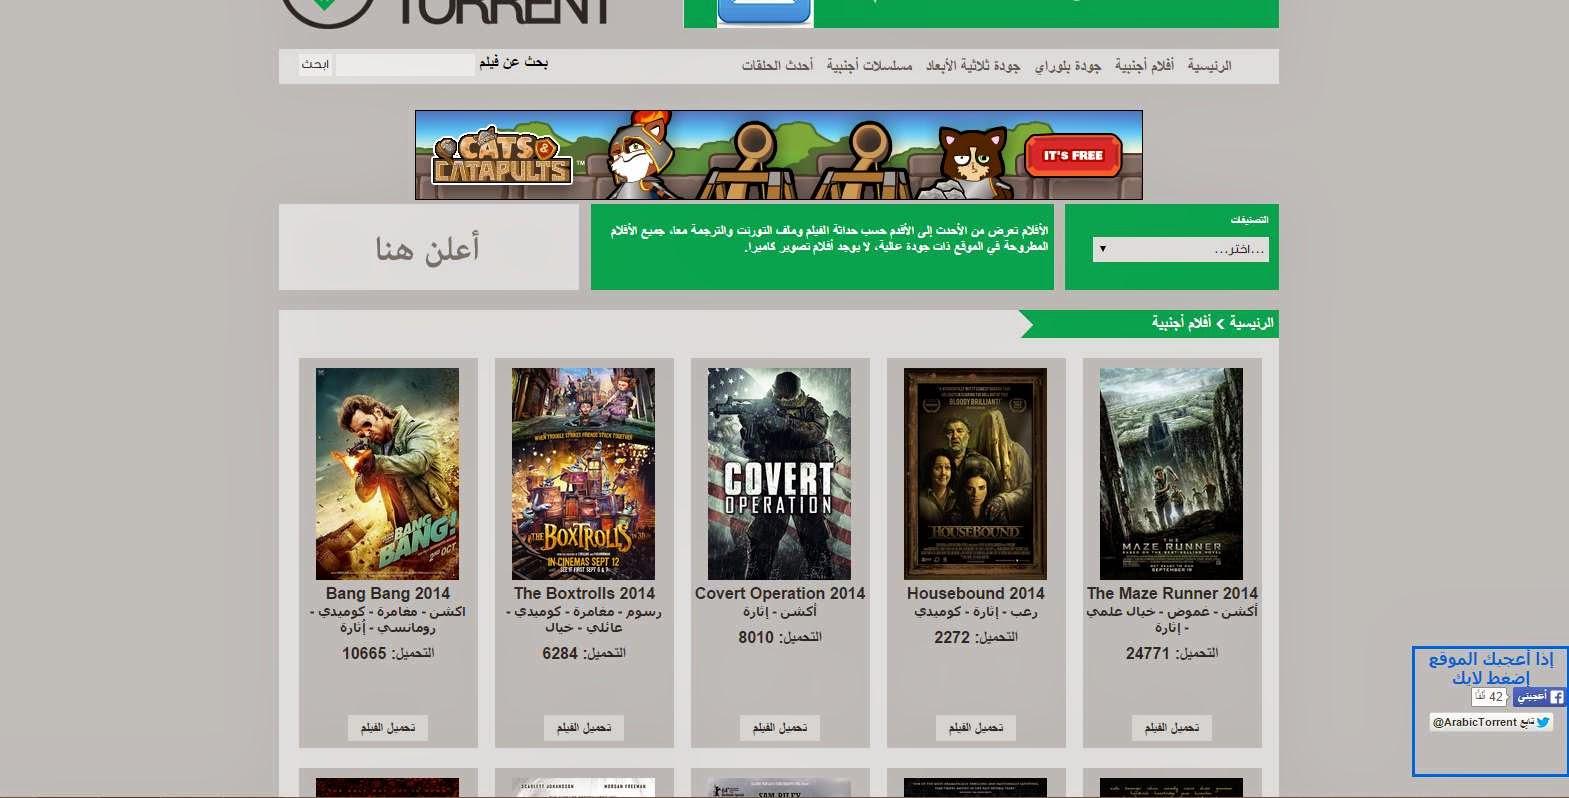 ع زی استین نخ جوانان موقع تحميل افلام تورنت عربي